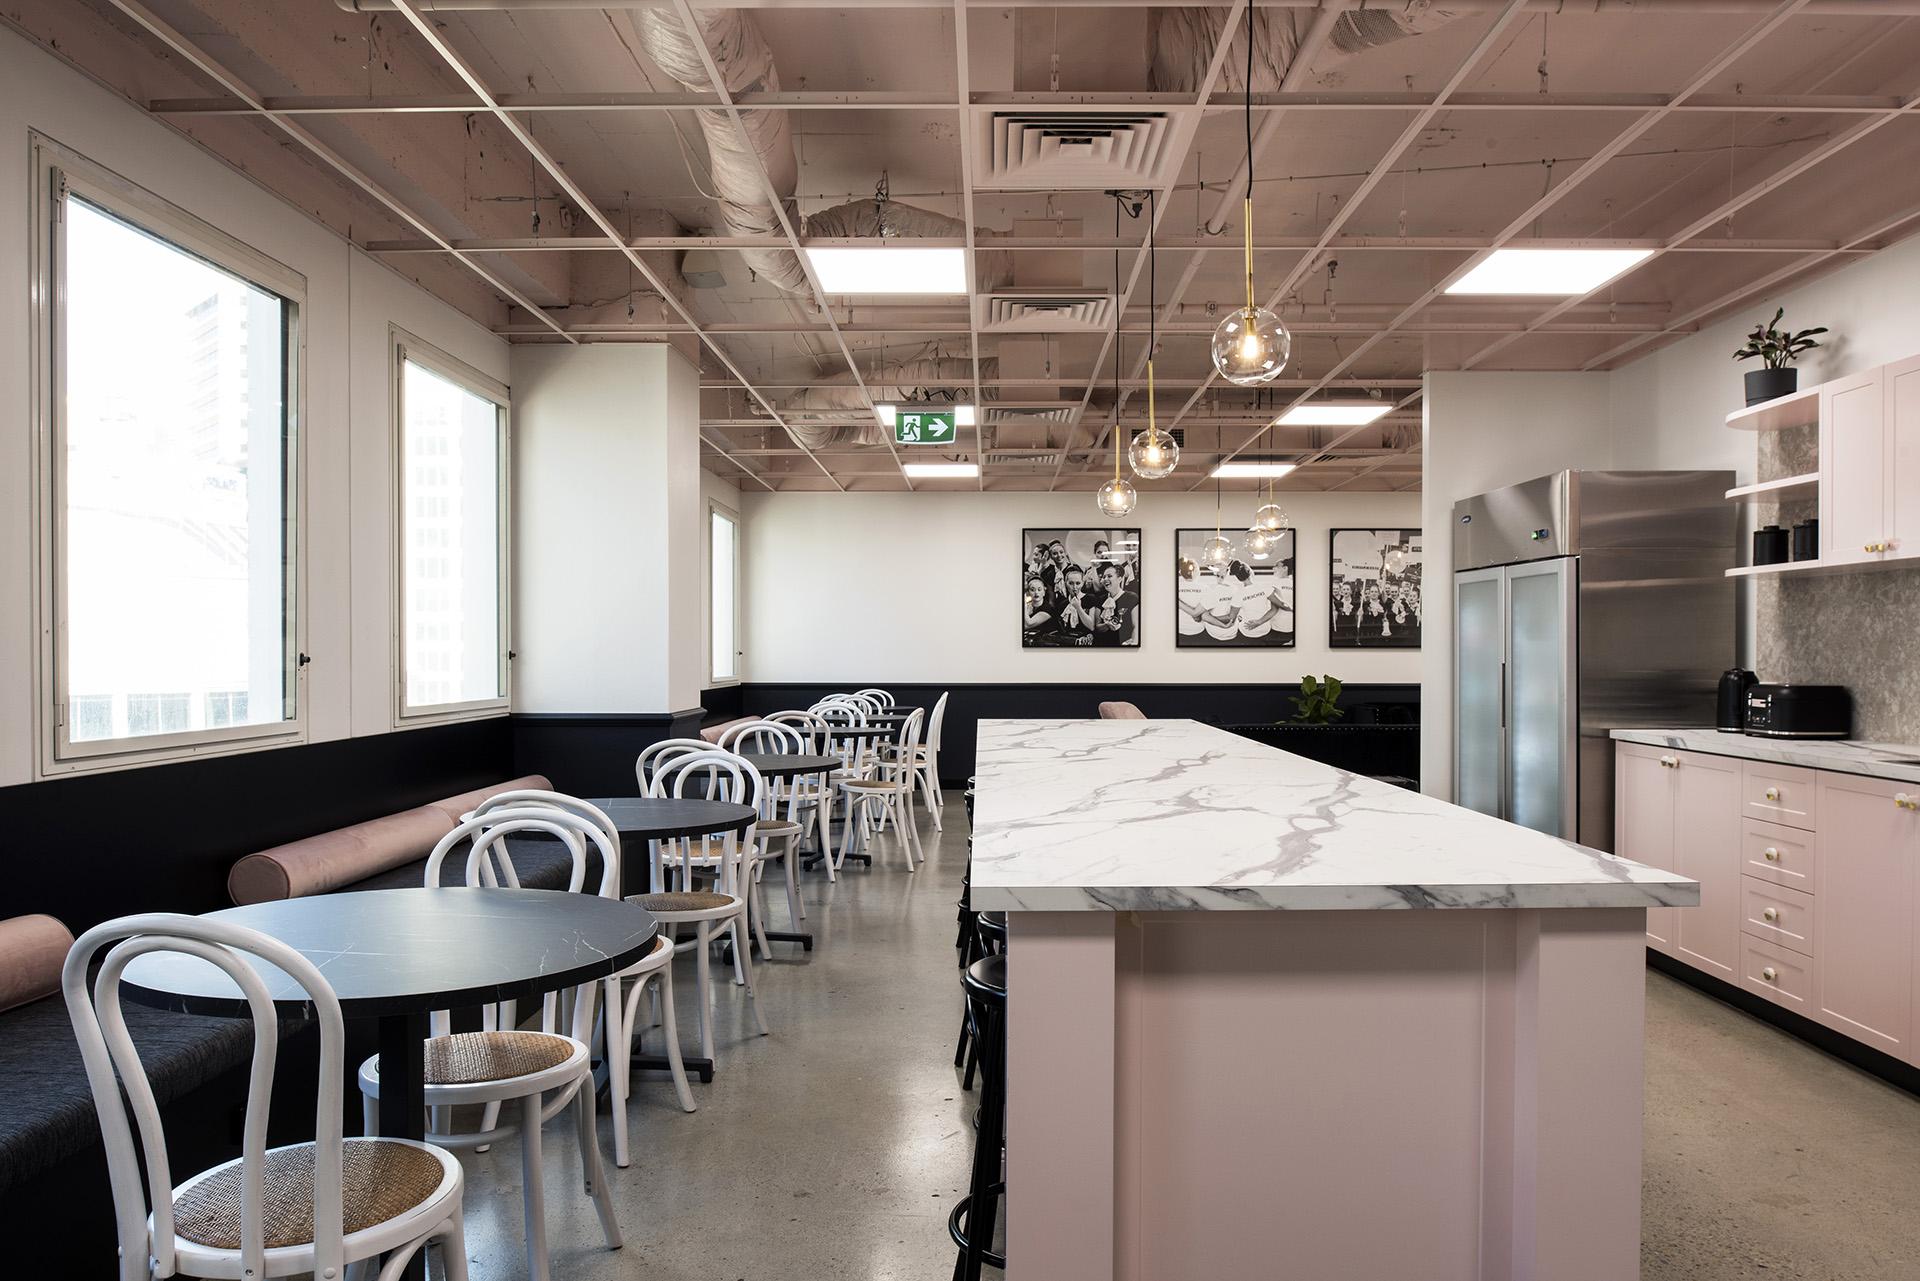 Archway-French Office Design Brisbane-Kitchen 2.jpg